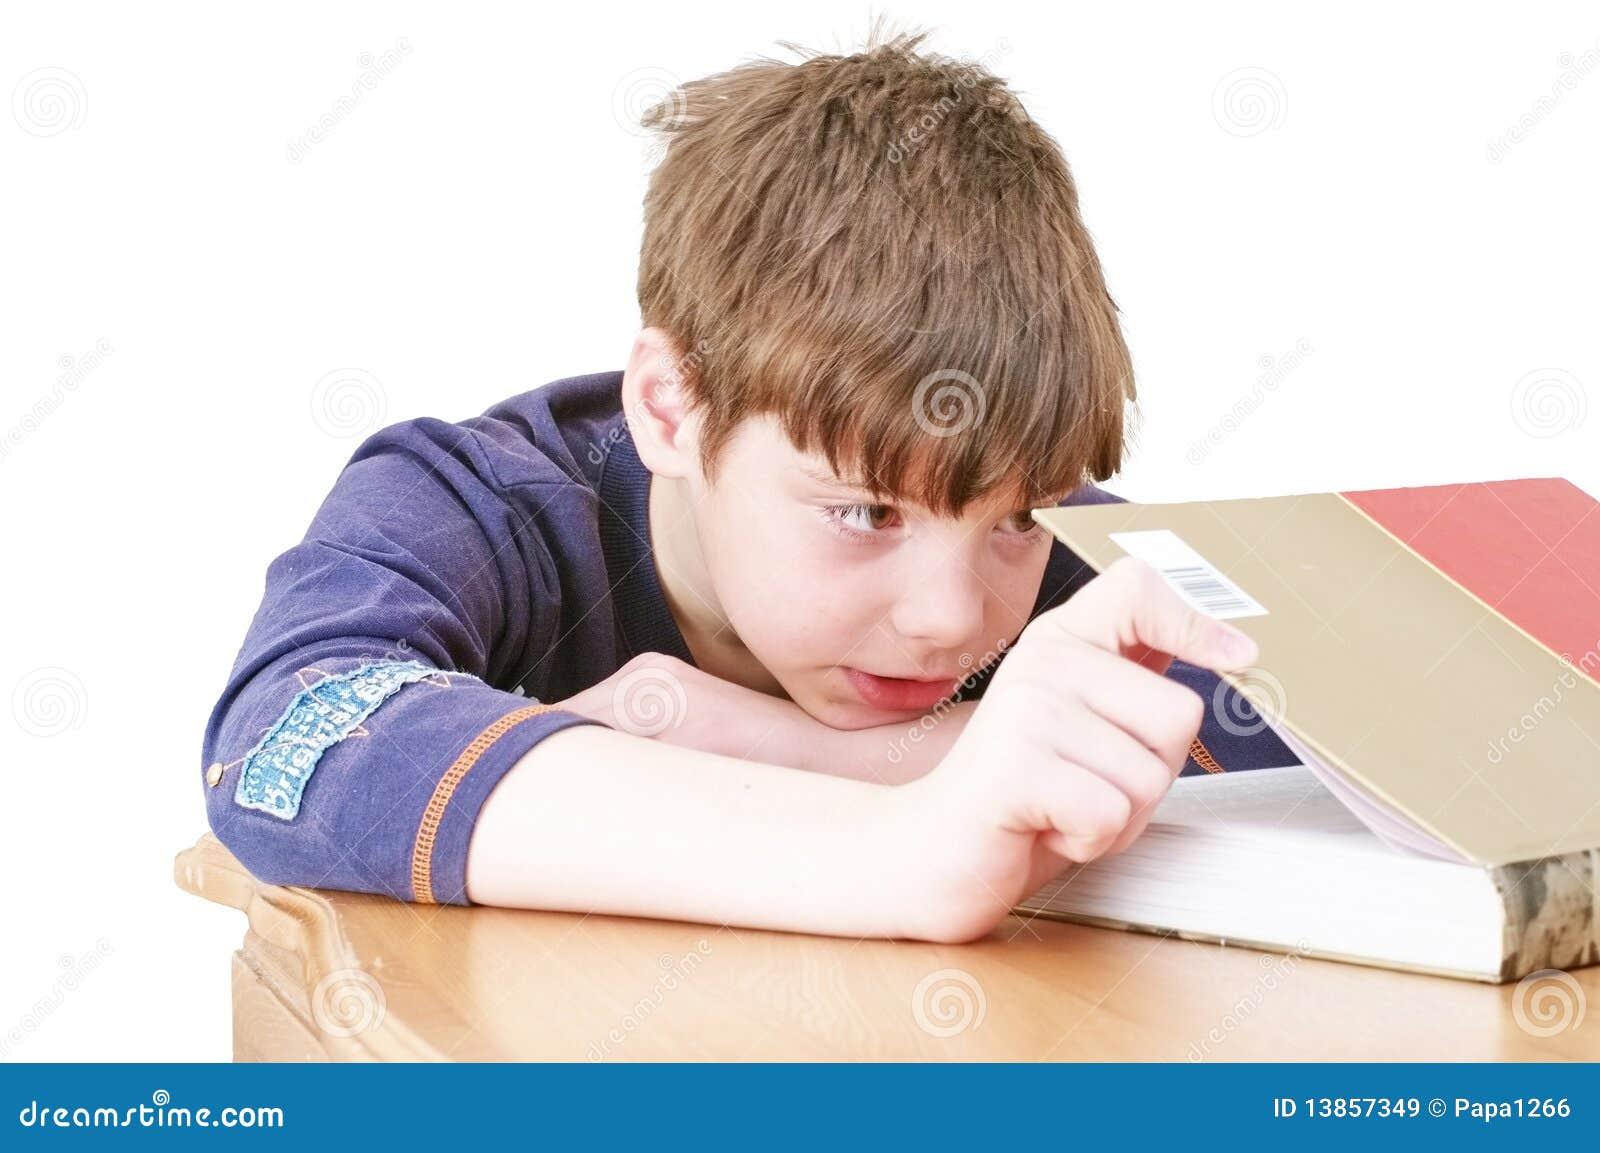 The little boy read a book